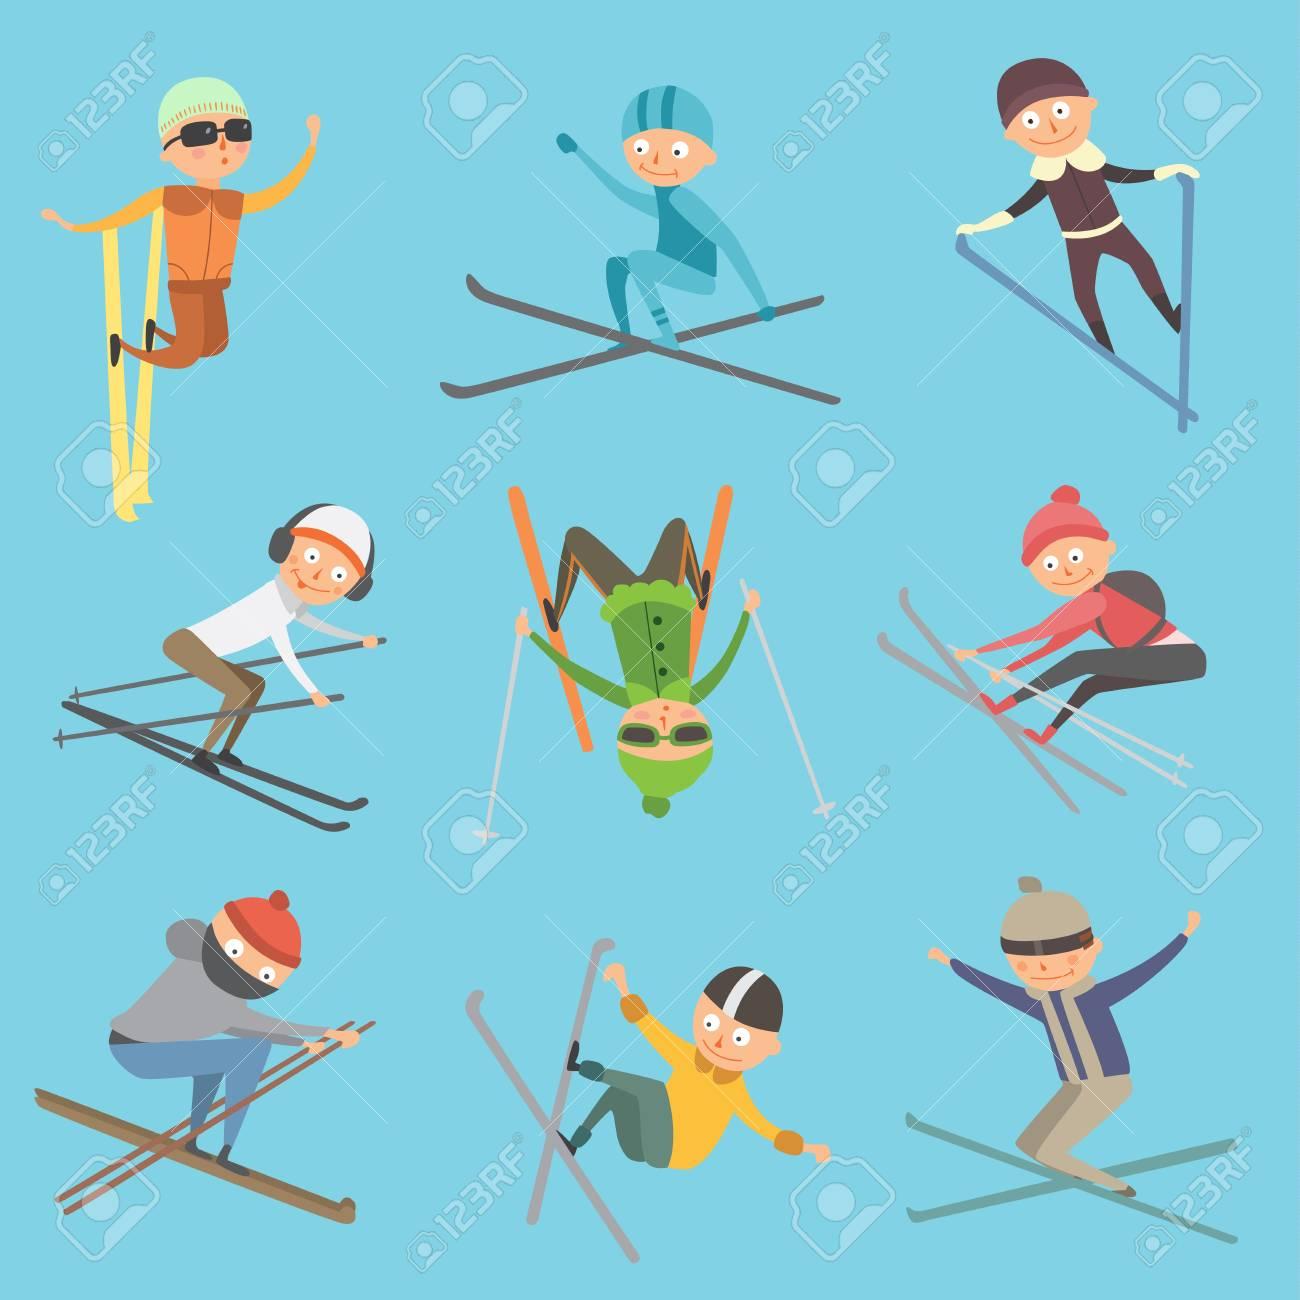 スキーの人々 のトリックはベクトル イラストですのイラスト素材